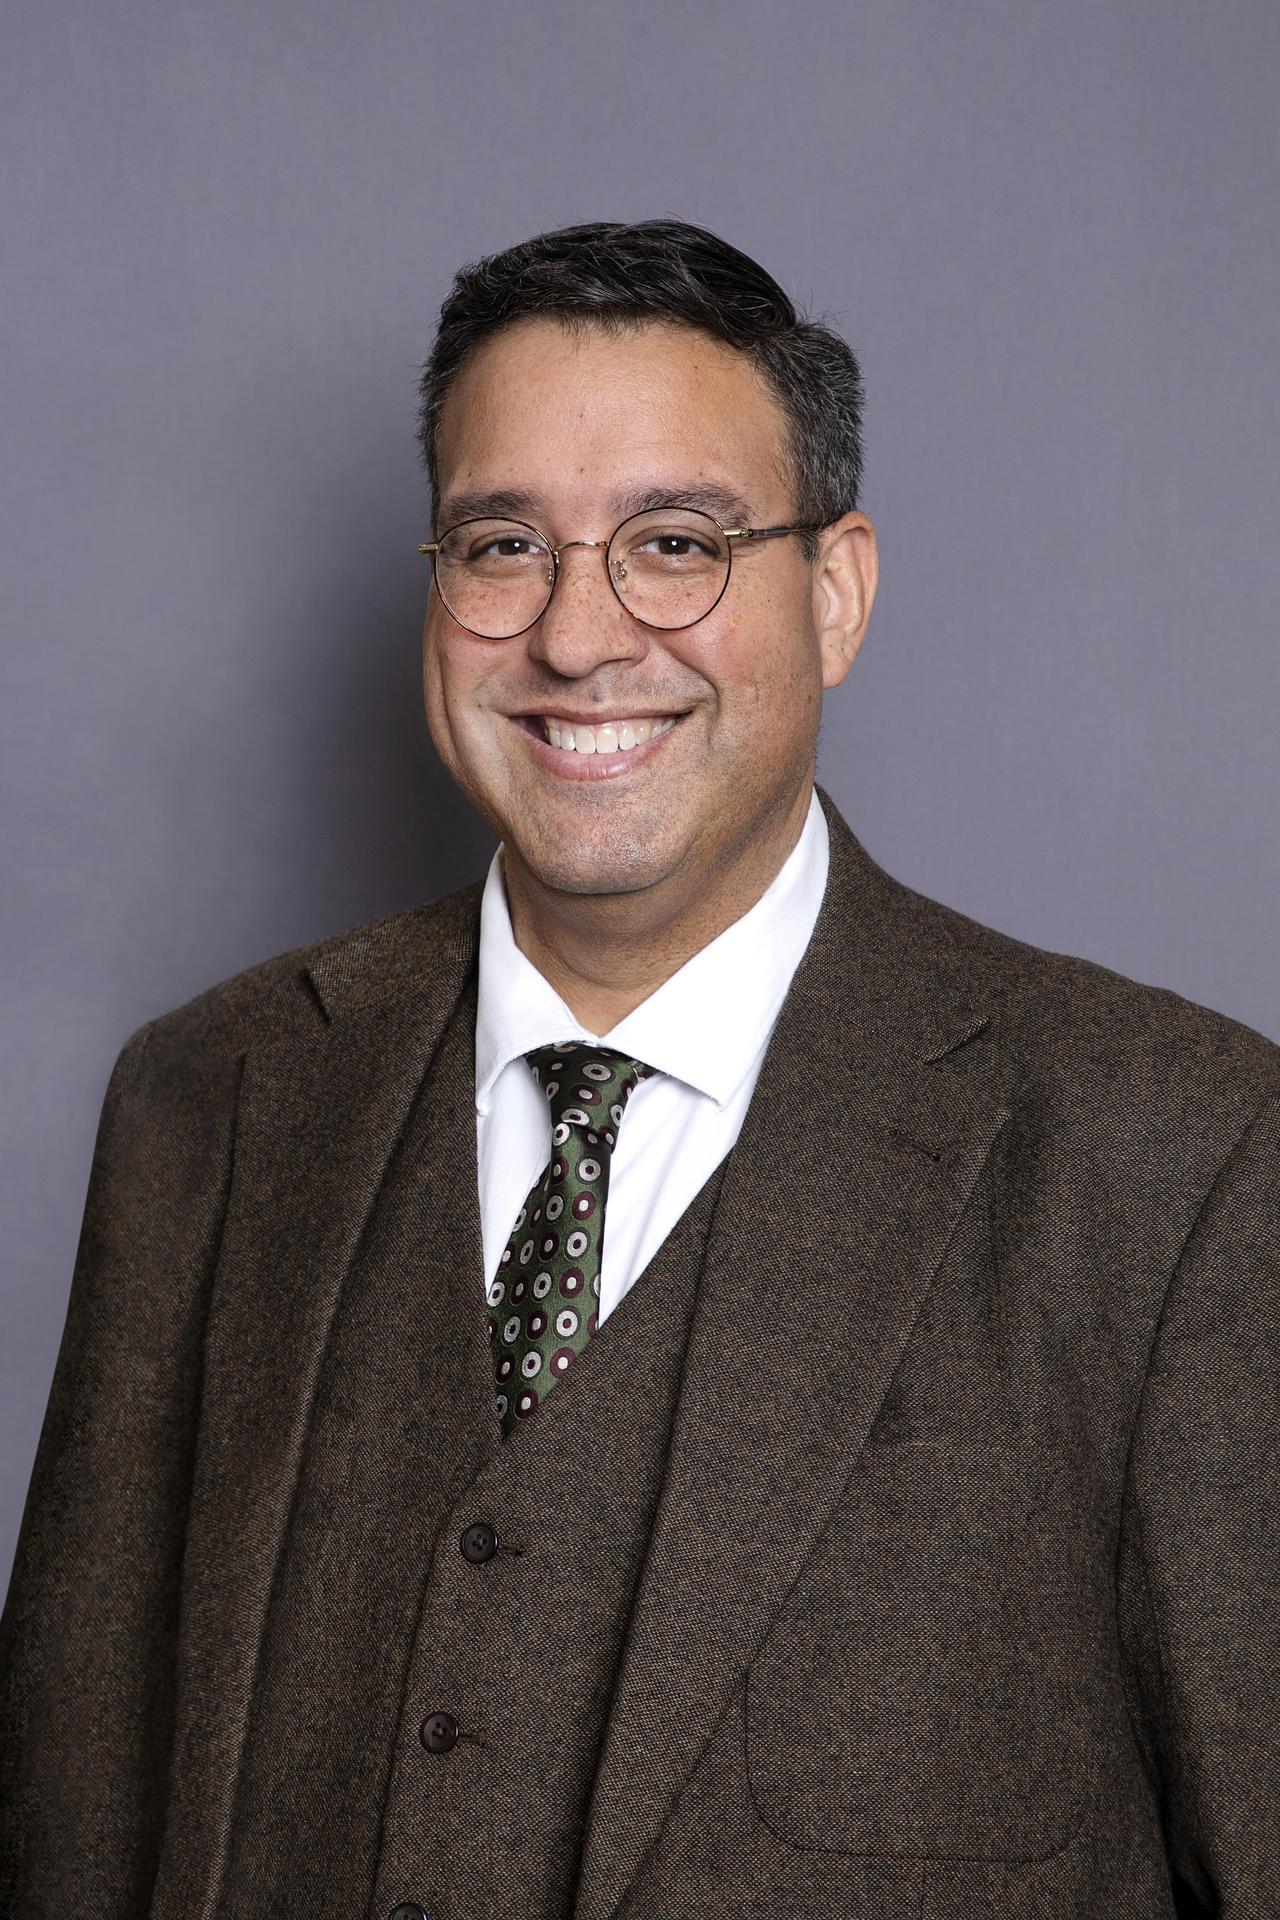 George Megenney